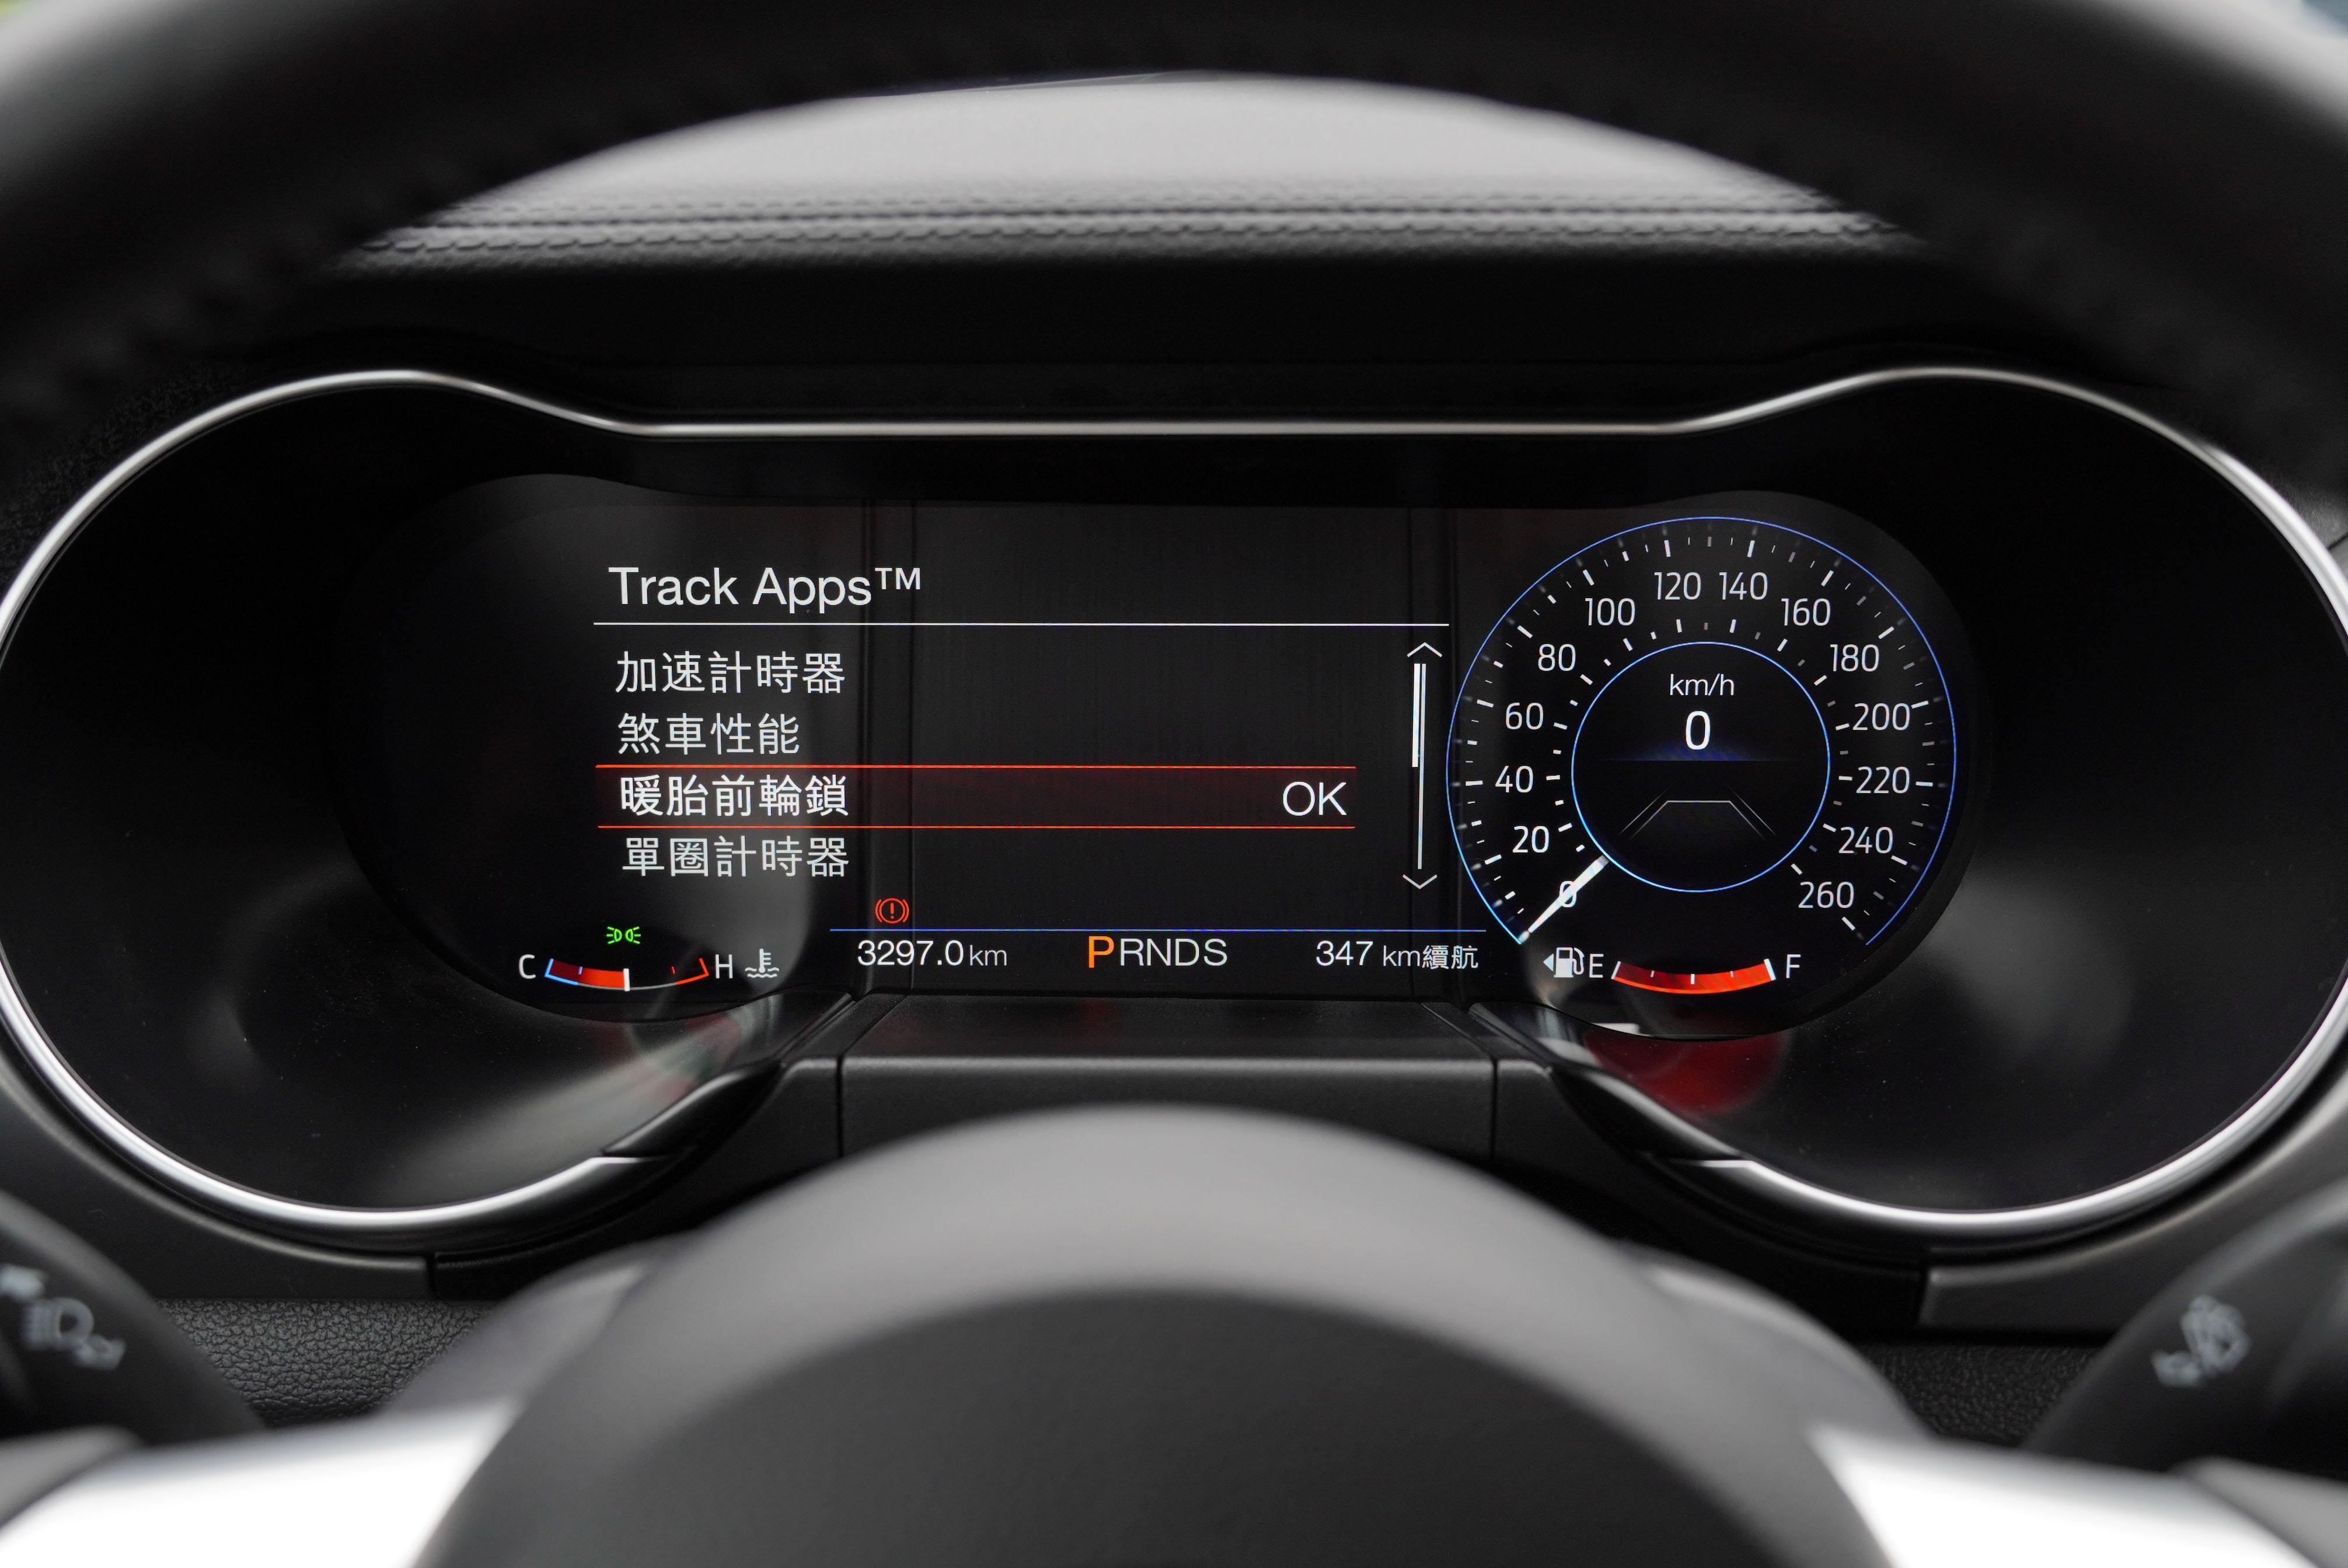 雙車款皆標配 Track Apps 系統。